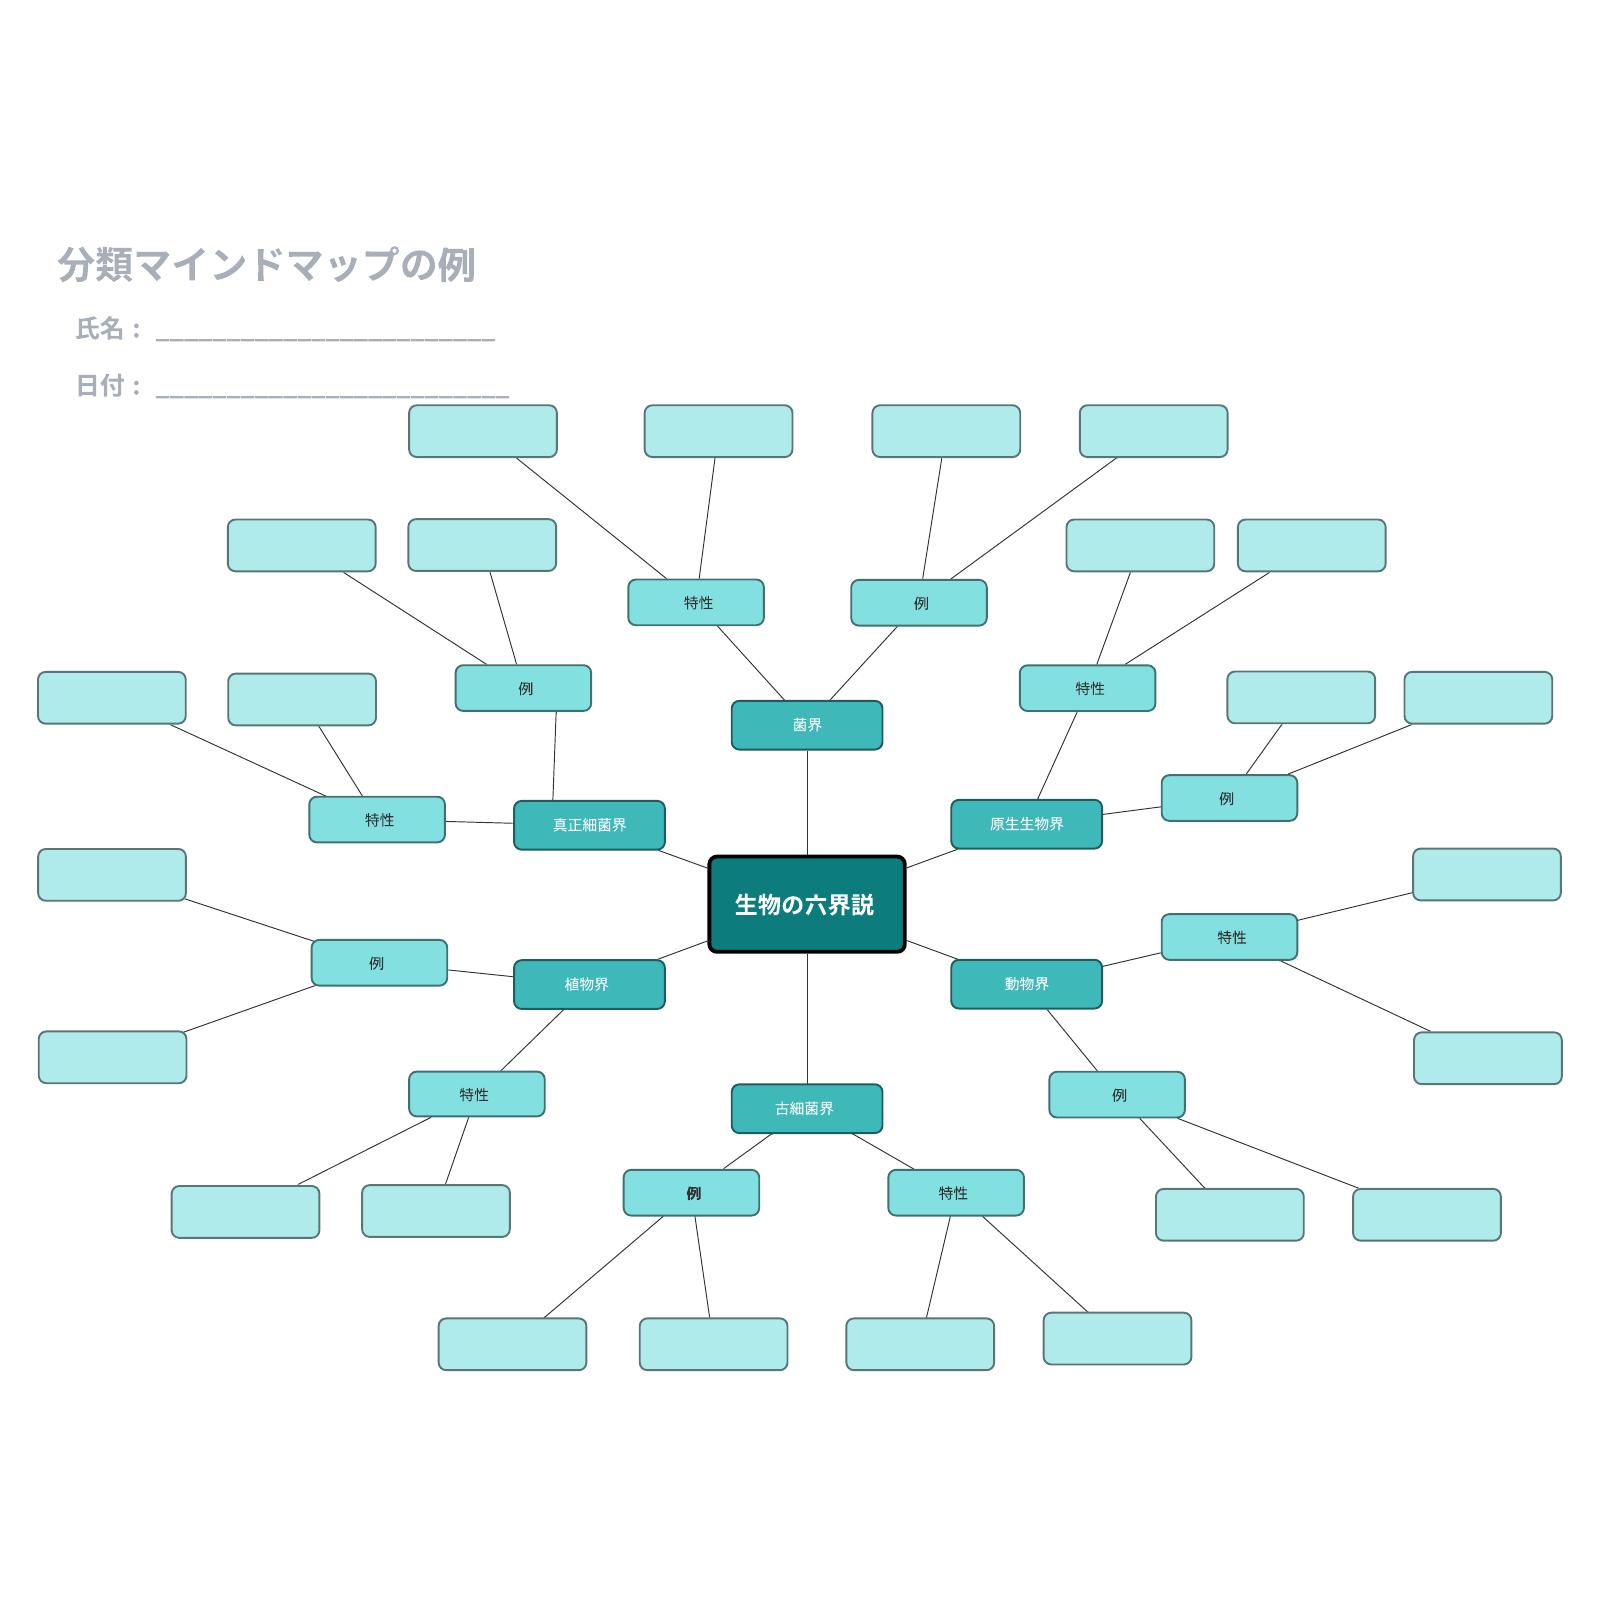 マインドマップ事例テンプレート